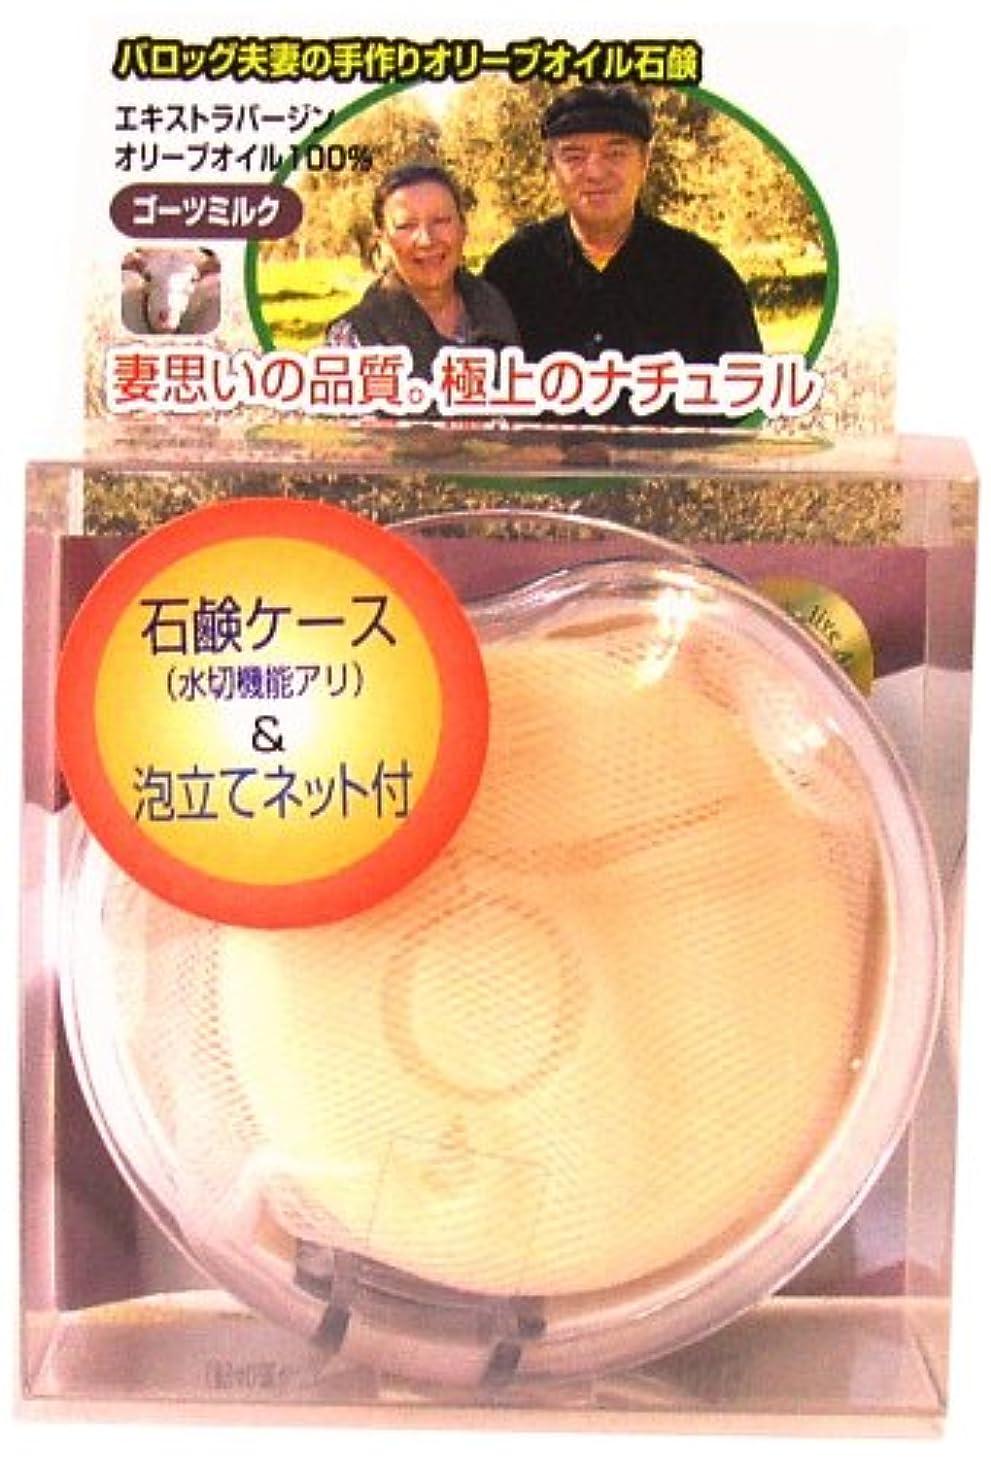 眉パンメキシコバロッグ夫婦の手作りオリーブオイル石鹸 ミニ石鹸ケース付(ゴーツミルク) 20g